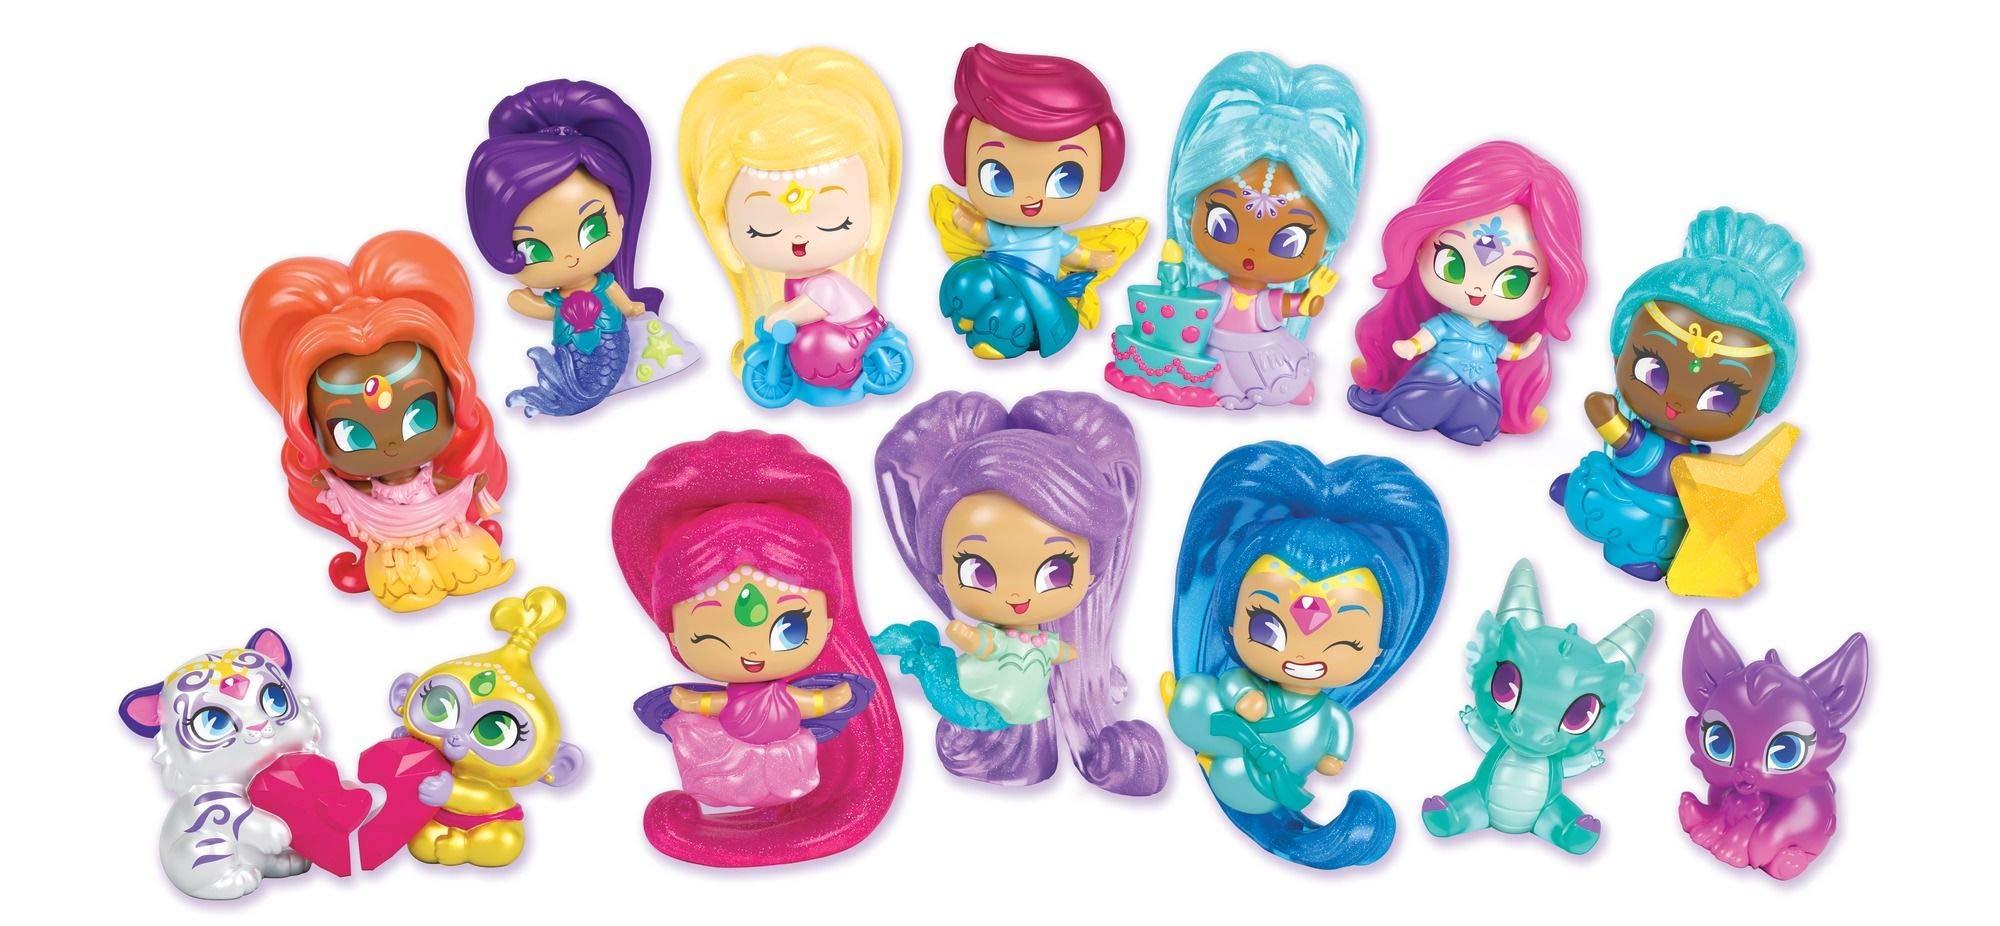 Fisher-Price Nickelodeon Shimmer & Shine, Teenie Genies